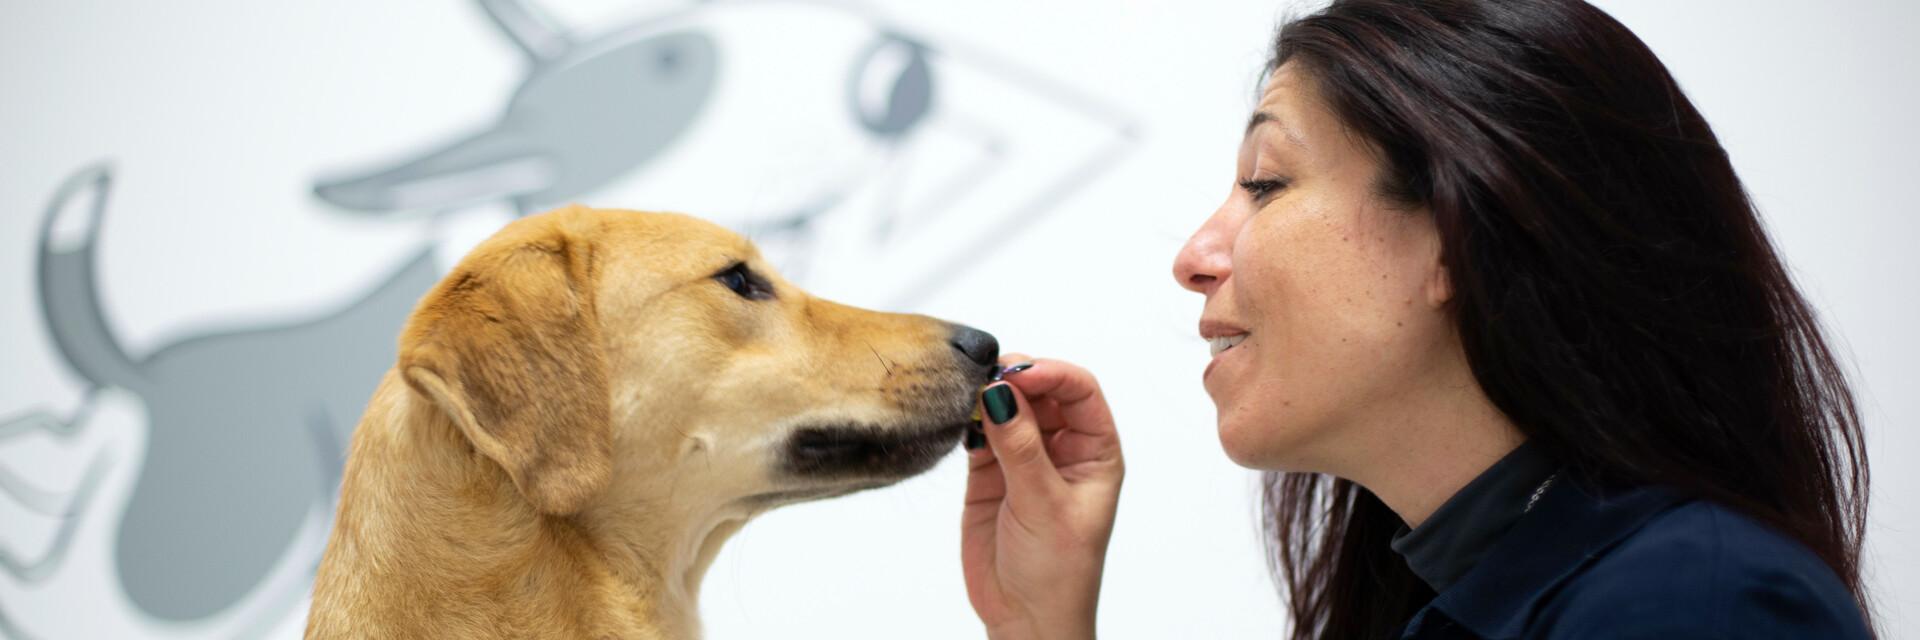 woman feeding a dog with a treat